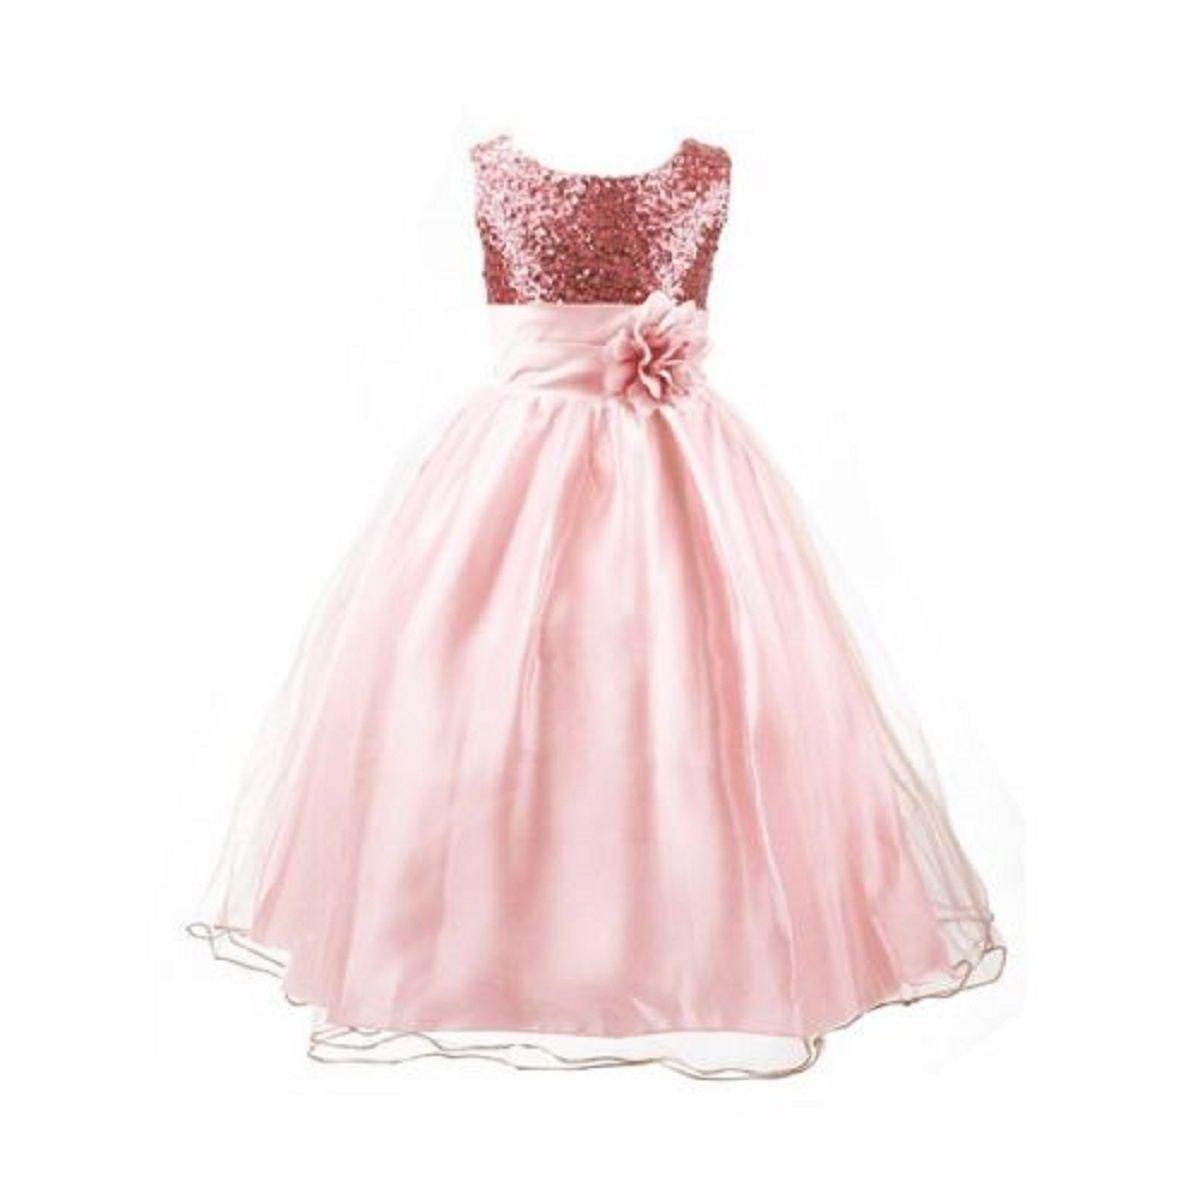 Dívčí společenské šaty růžové 5-6 let 74de5448423